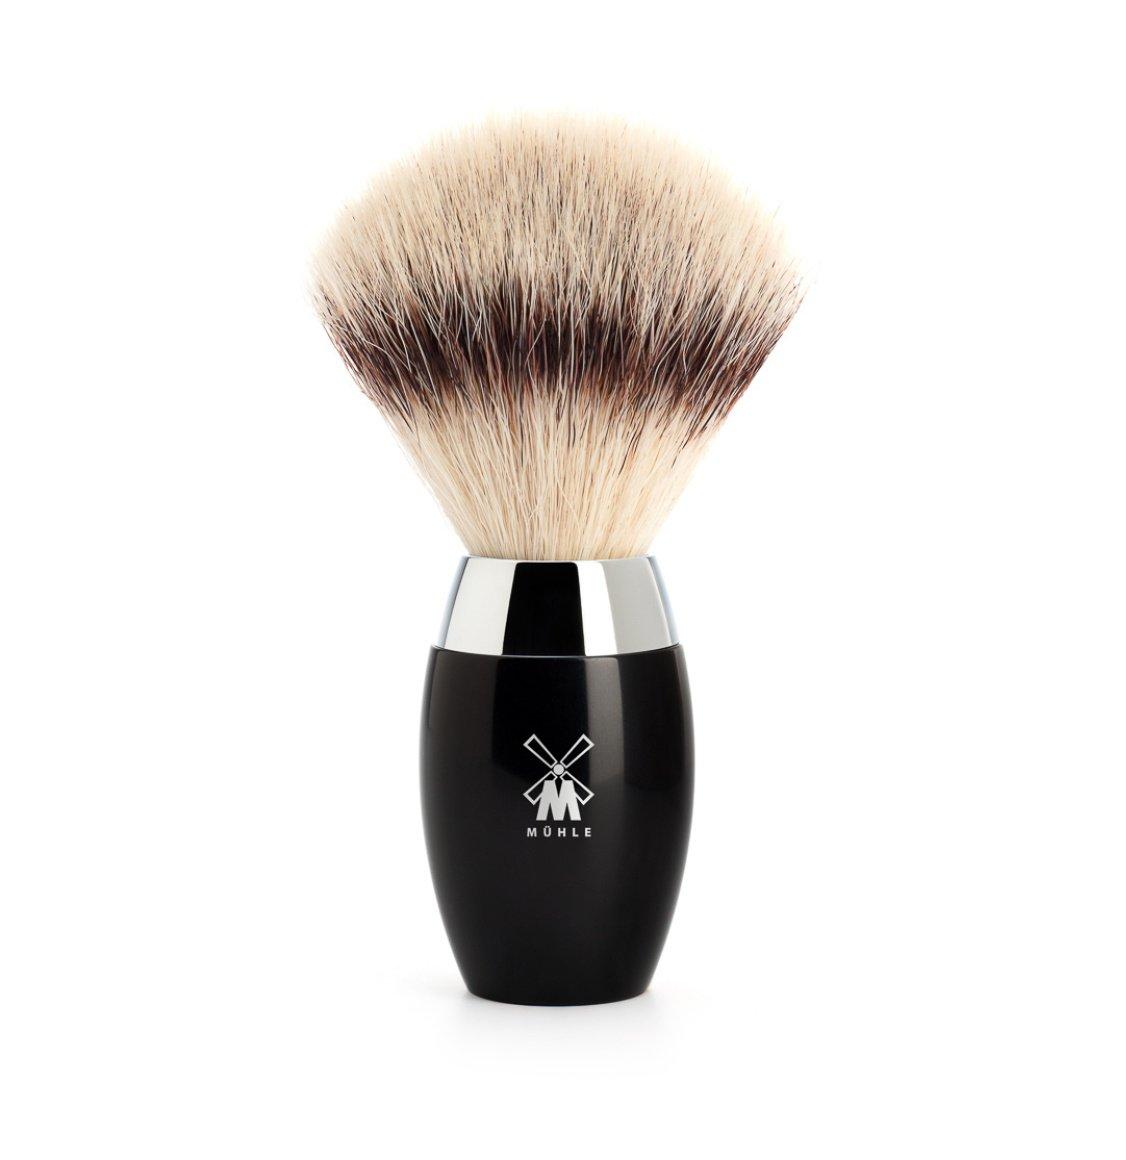 Muhle Silvertip Fibre Shaving Brush